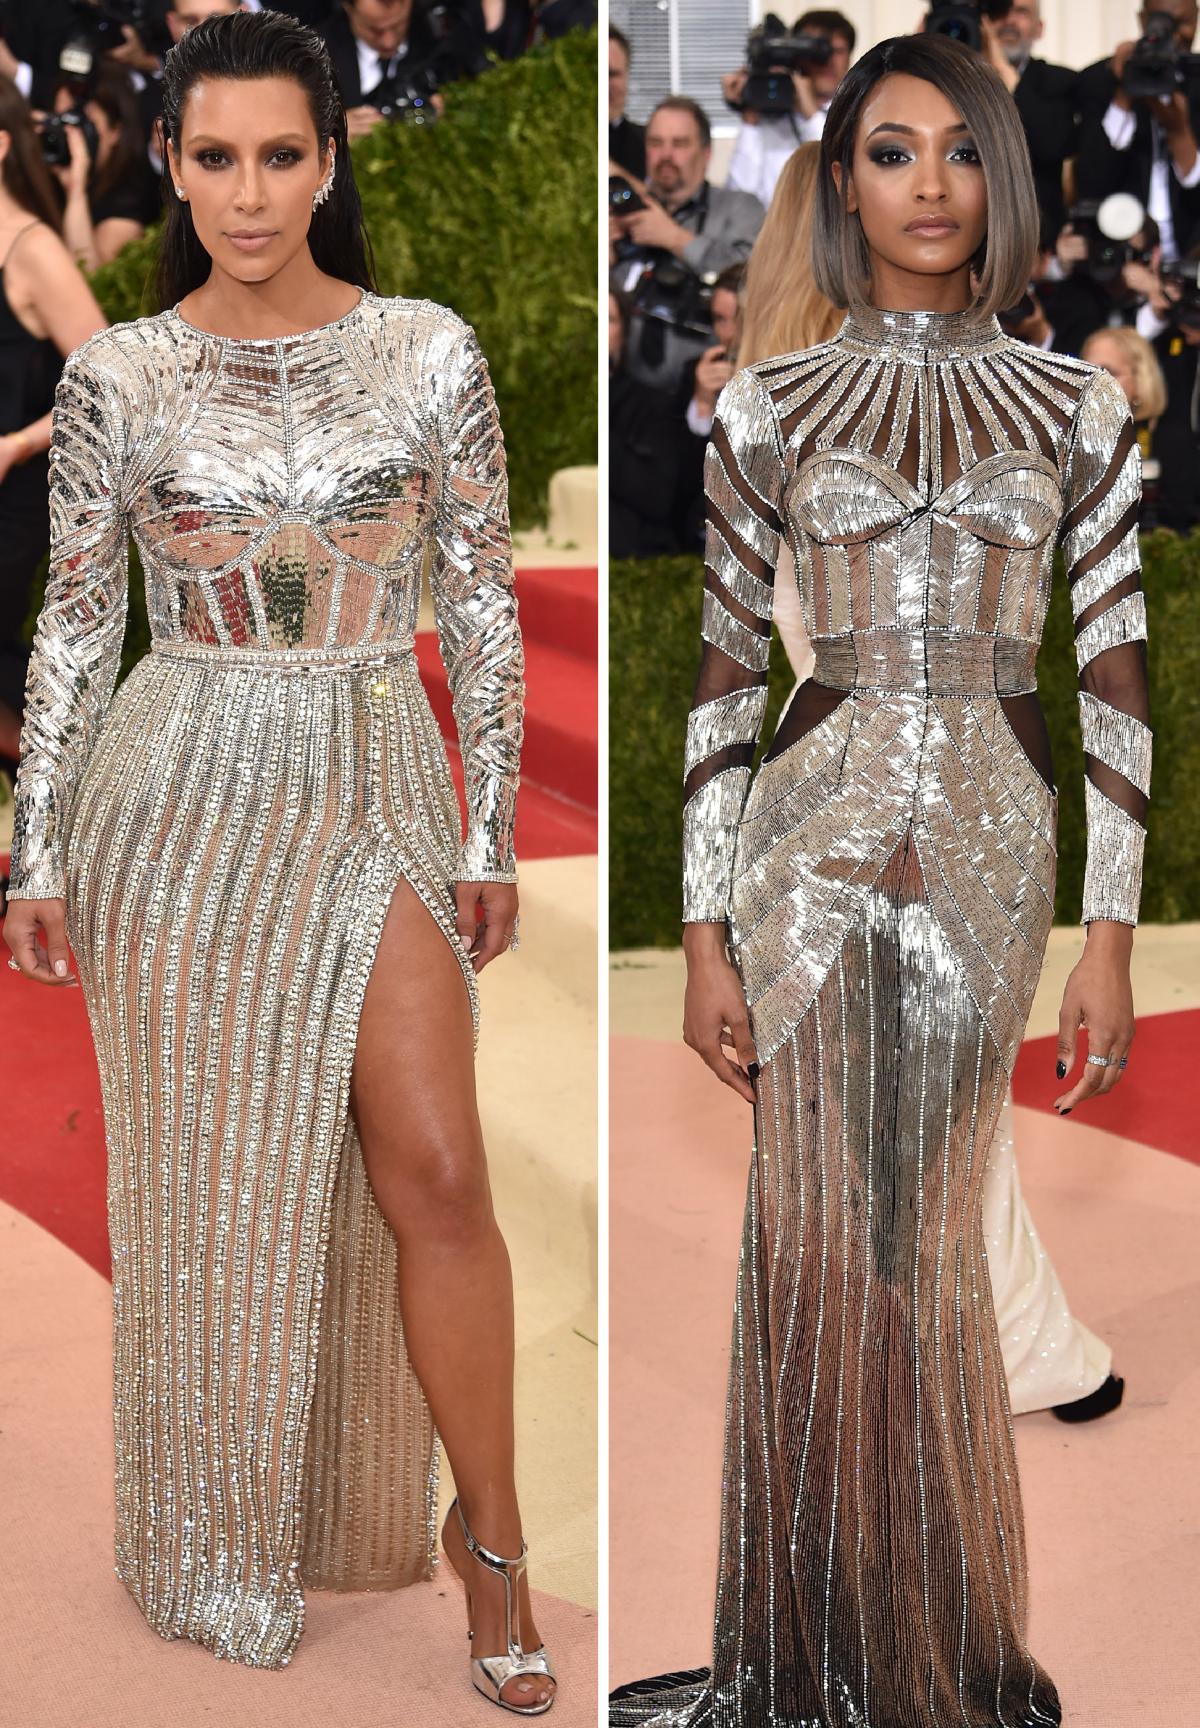 Kim Kardashian and Jourdan Dunn